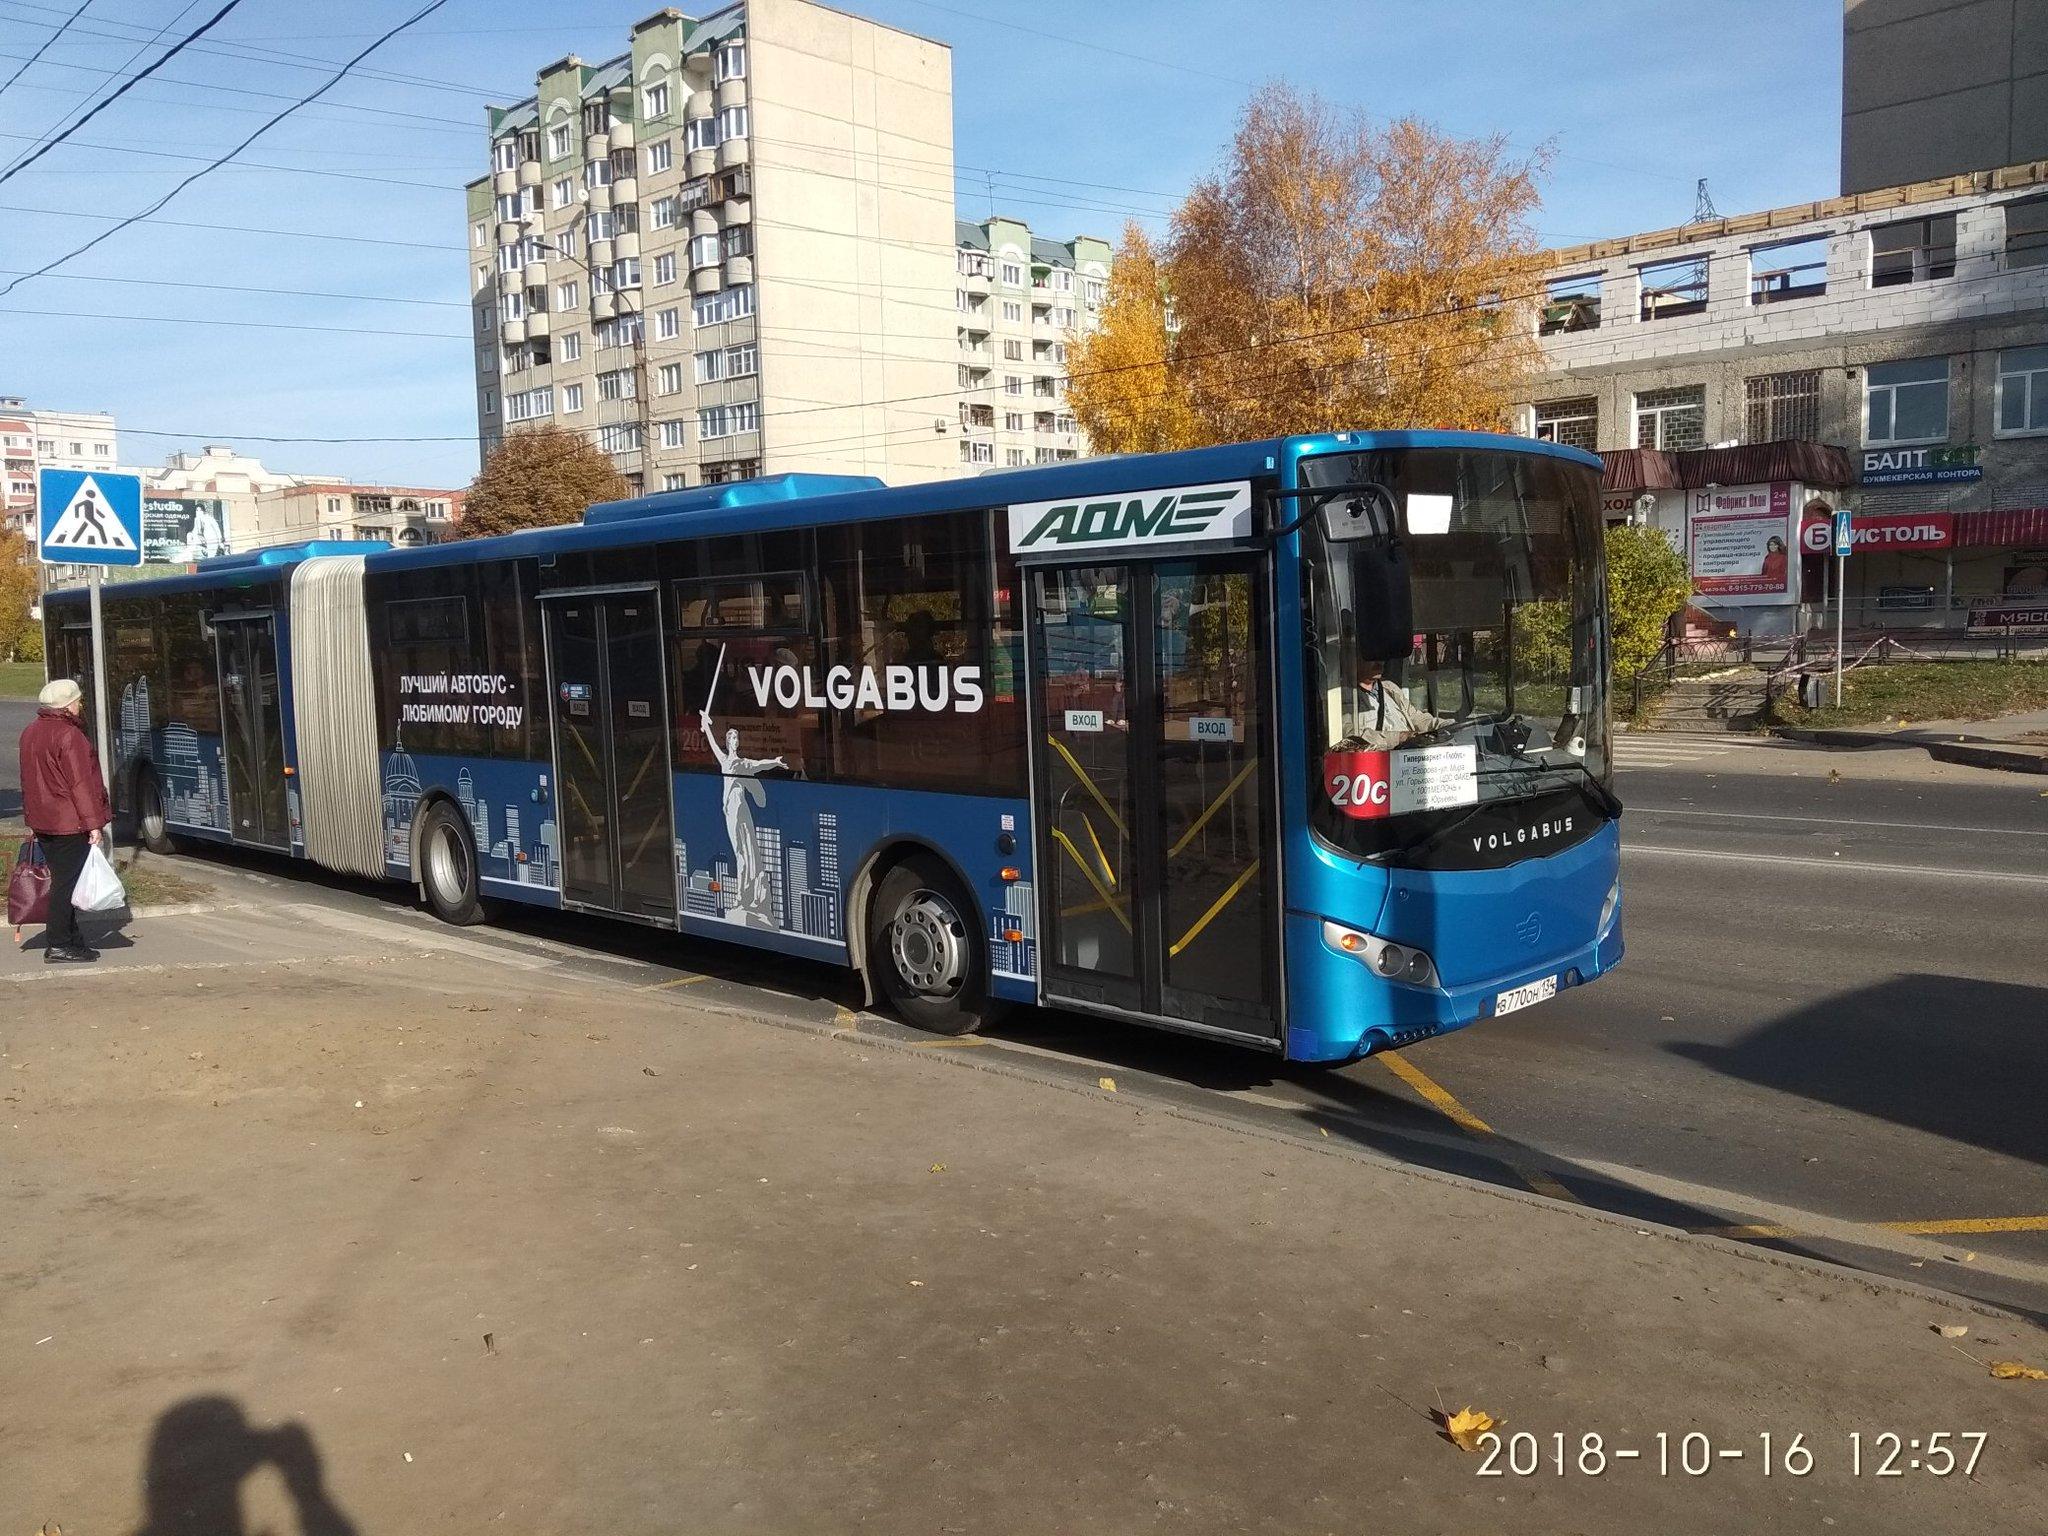 тёмного дуба, автобус в любимом городе конкурс фотографий чего